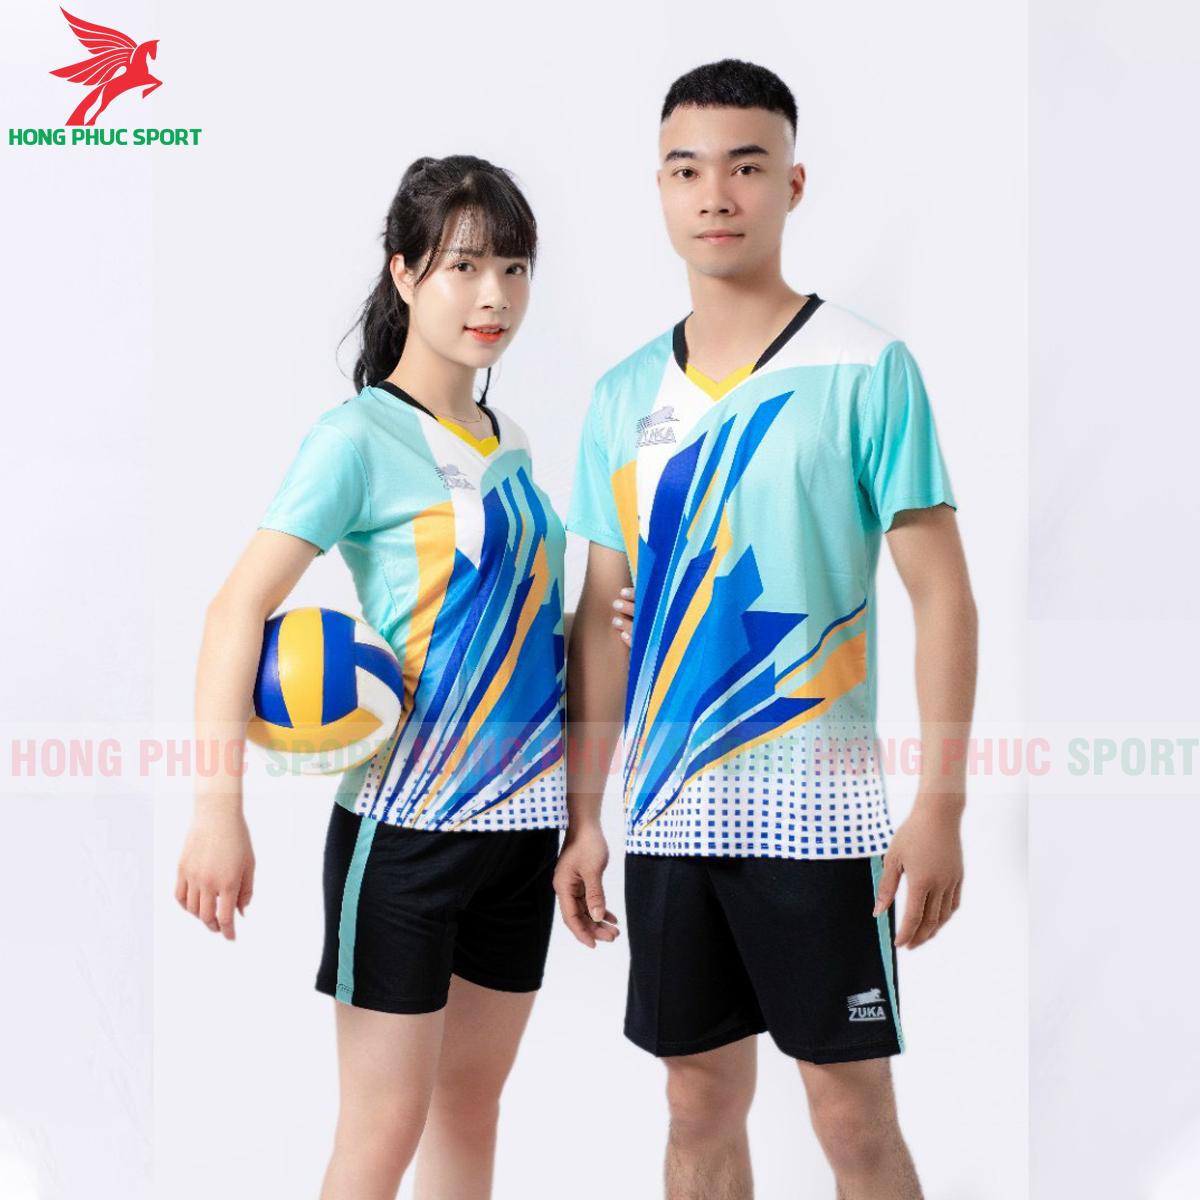 Quần áo bóng chuyền Zuka - 01 2021màu xanh ngọc (2)